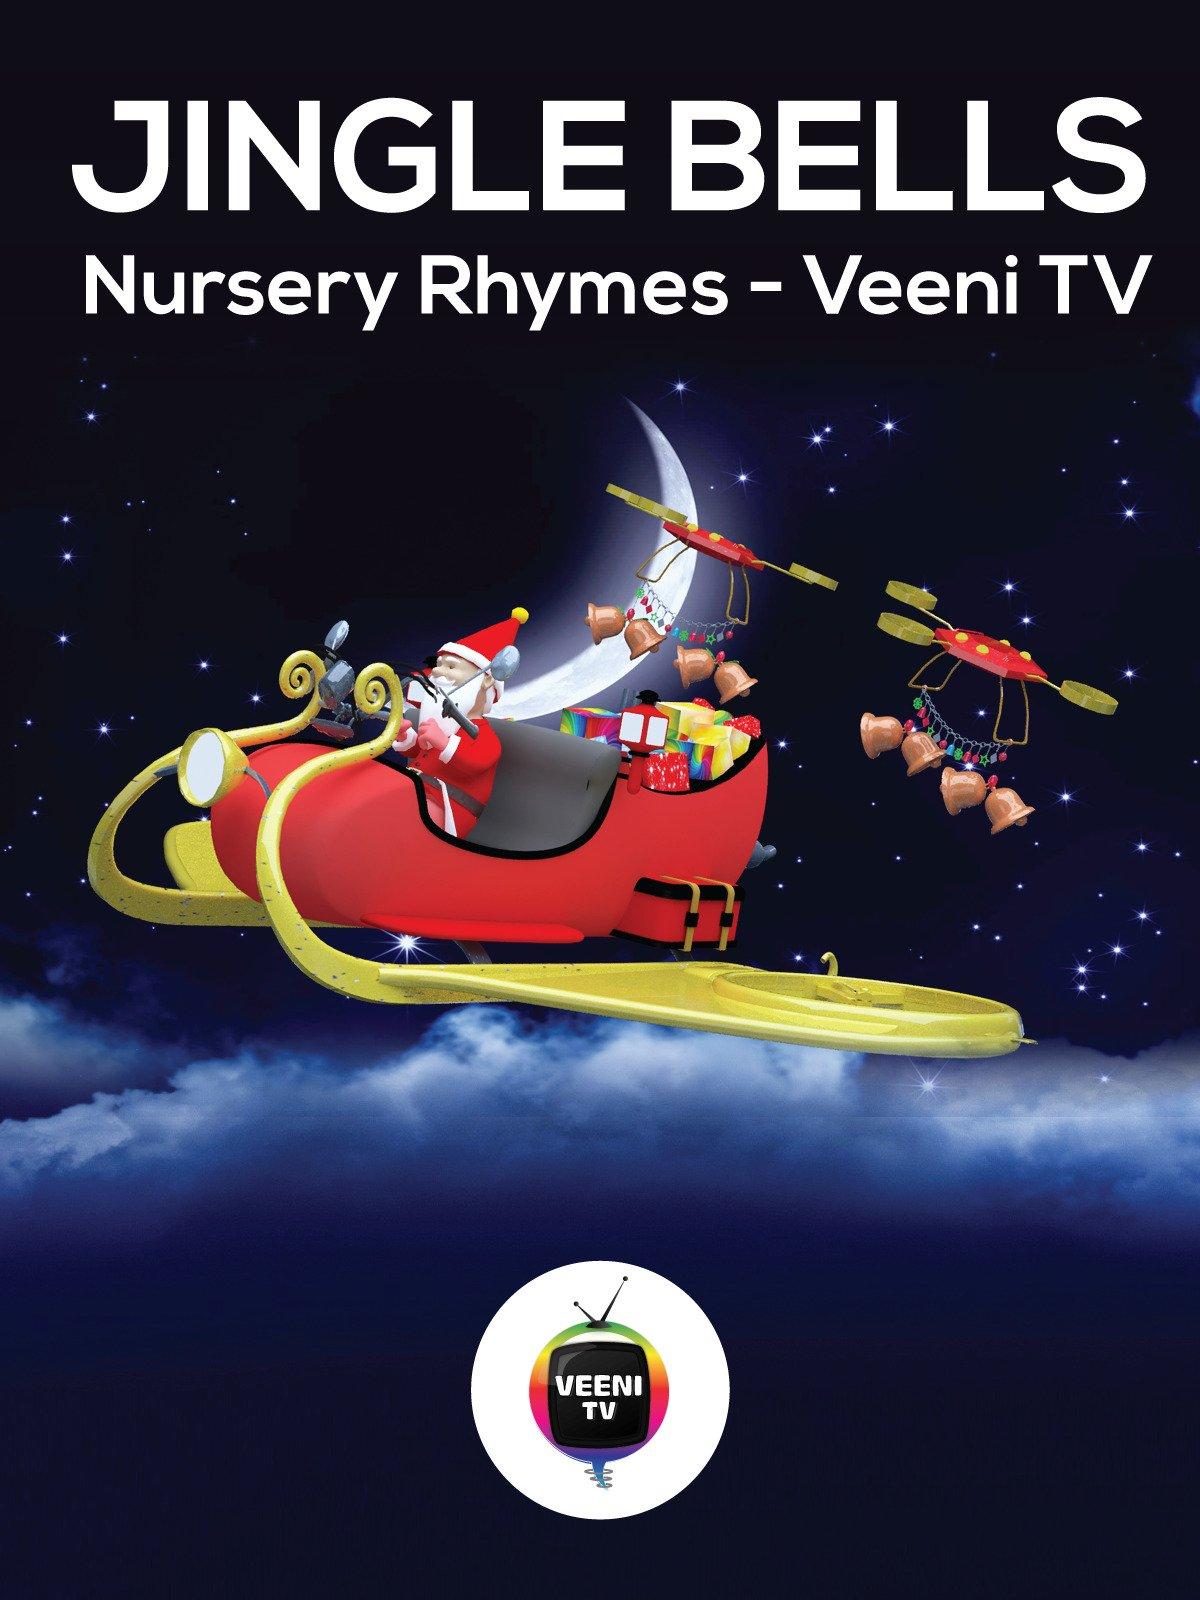 Jingle Bells, Nursery Rhymes